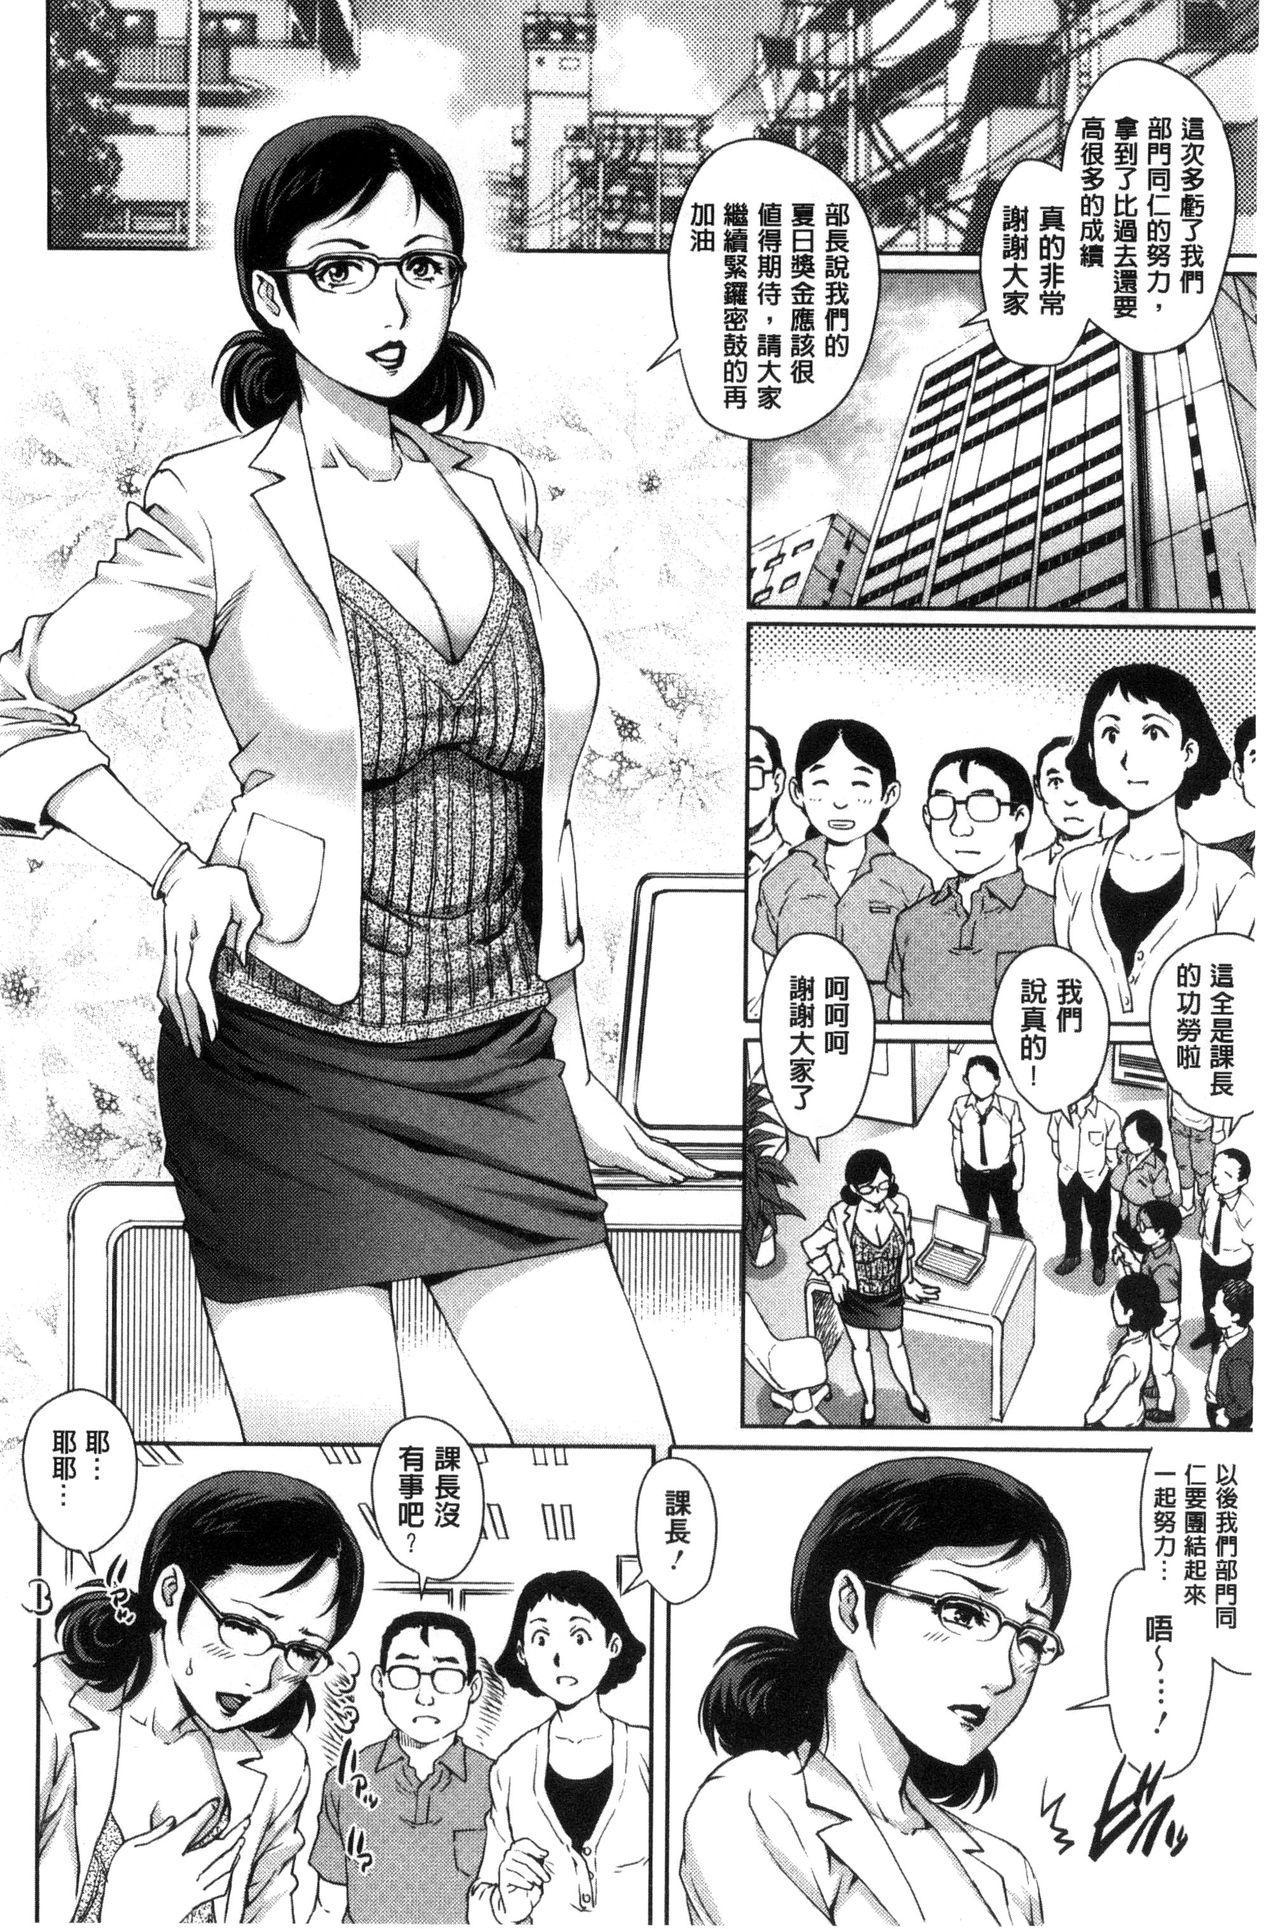 Megami-tachi no Complex | 女神們的COMPLEXES 62